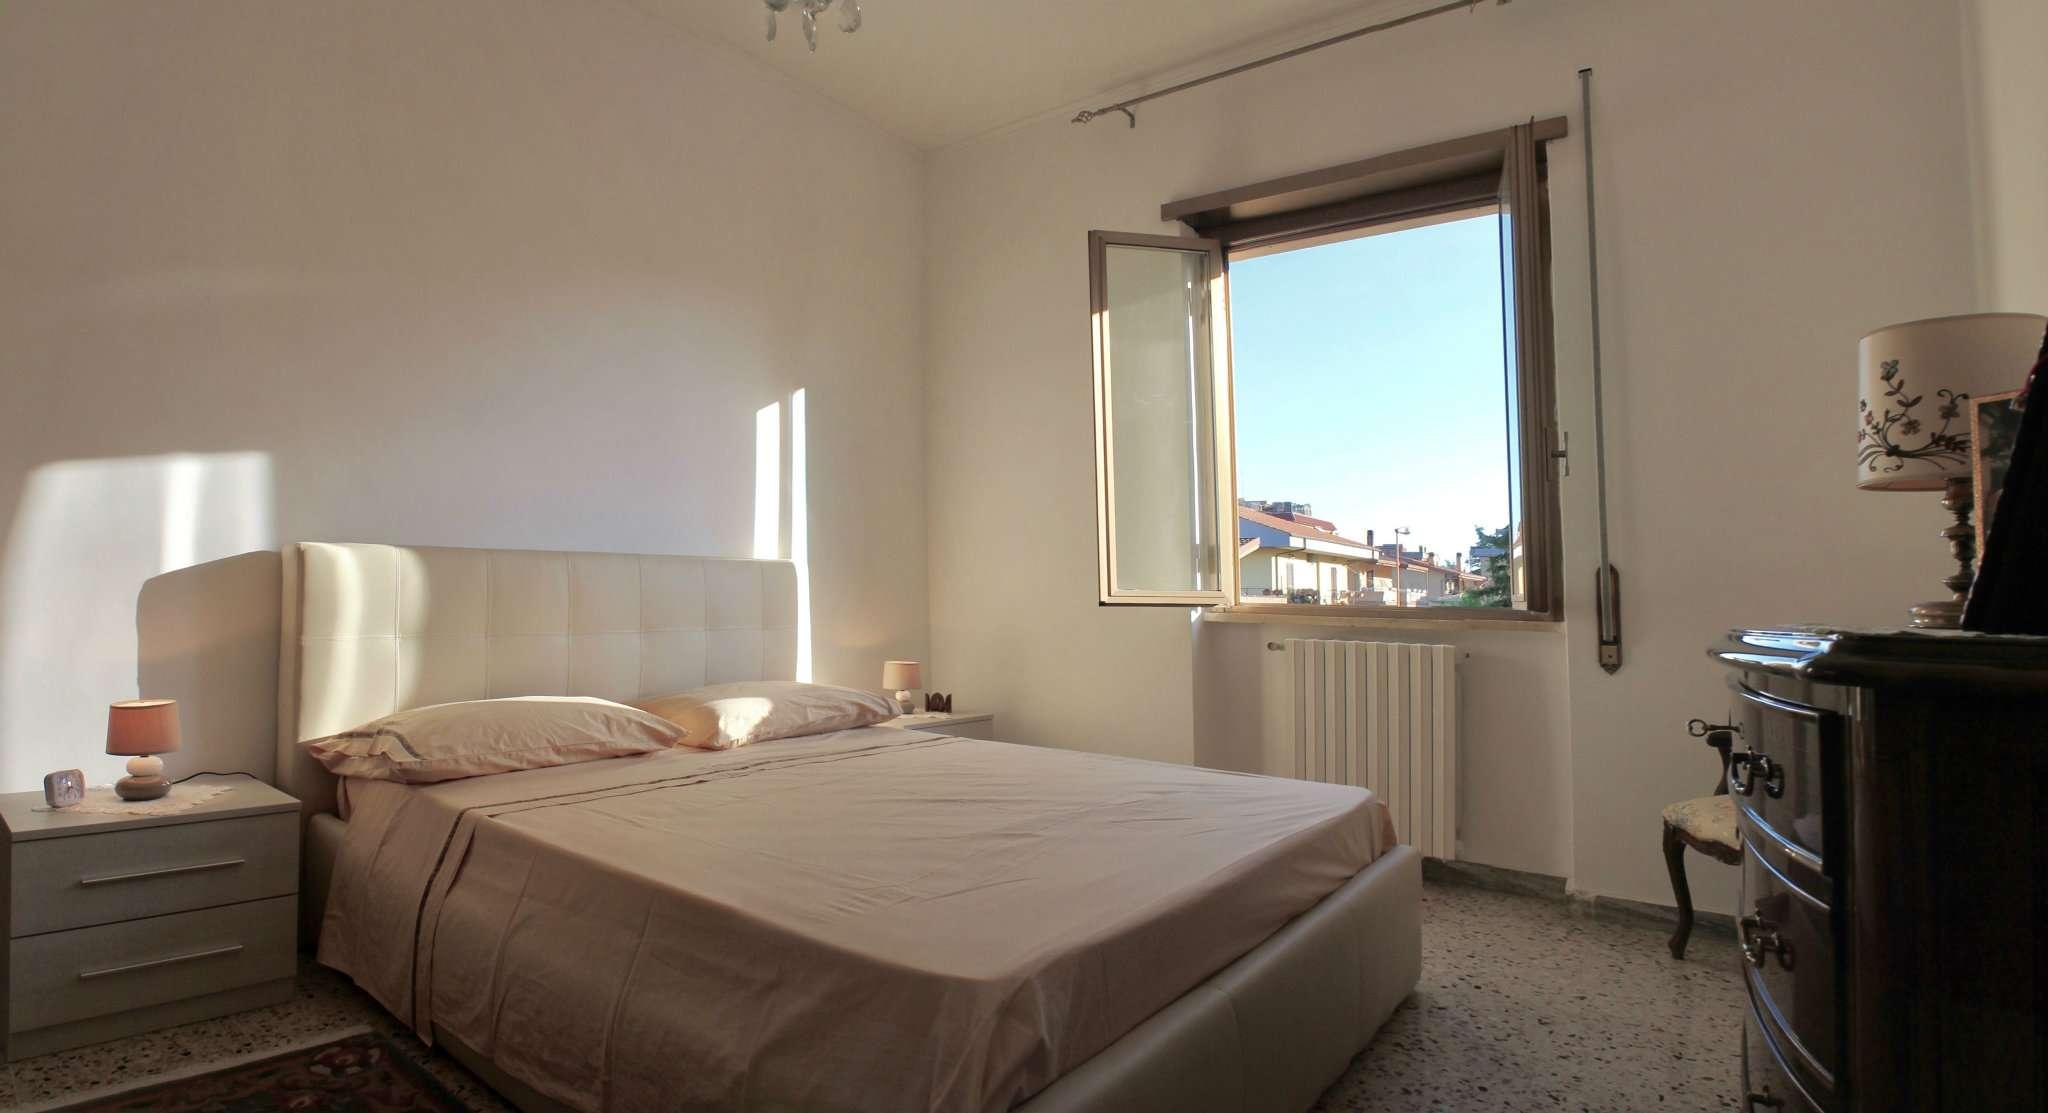 Appartamento in vendita a Ciampino, 2 locali, prezzo € 140.000 | CambioCasa.it